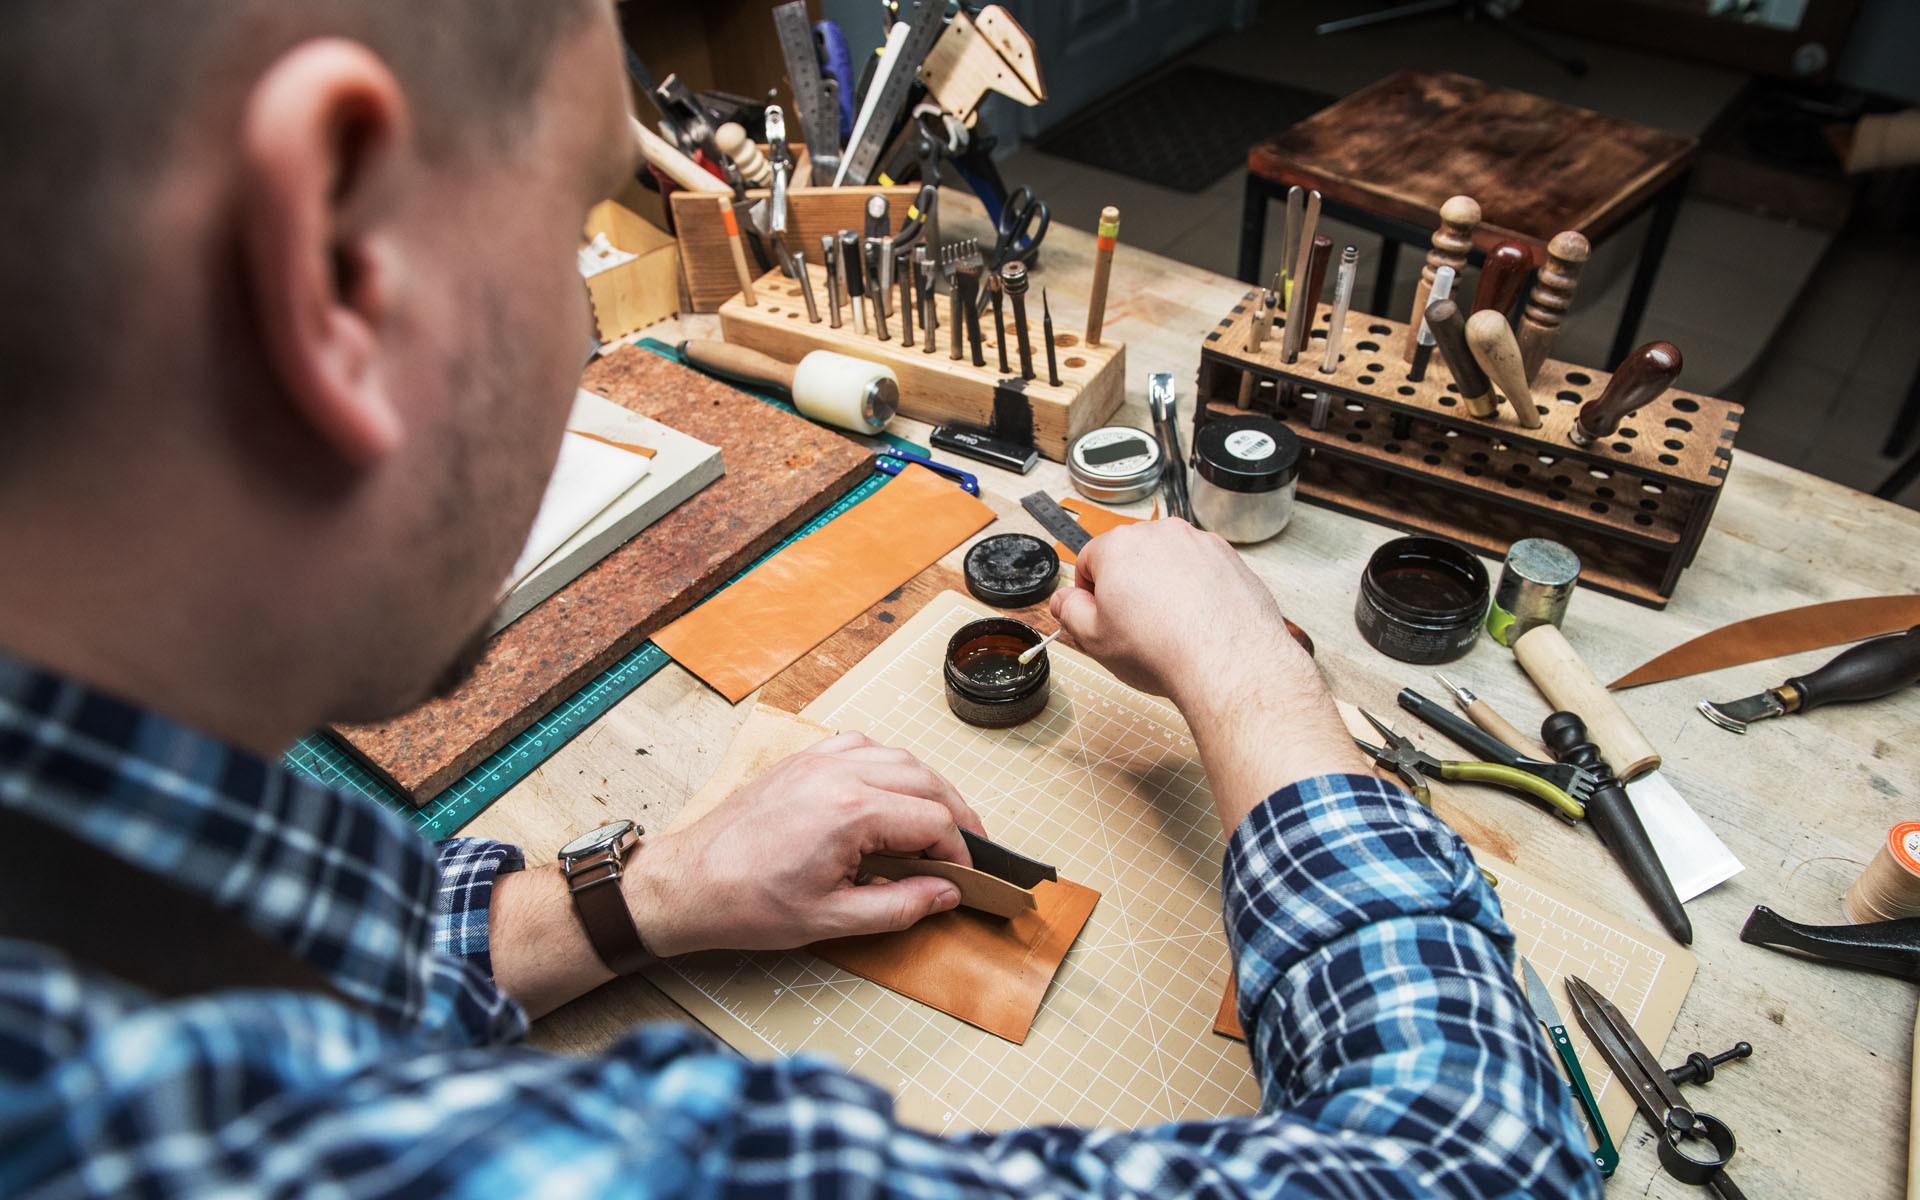 工藝與藝術的兼併,傳統與流行的完美融合